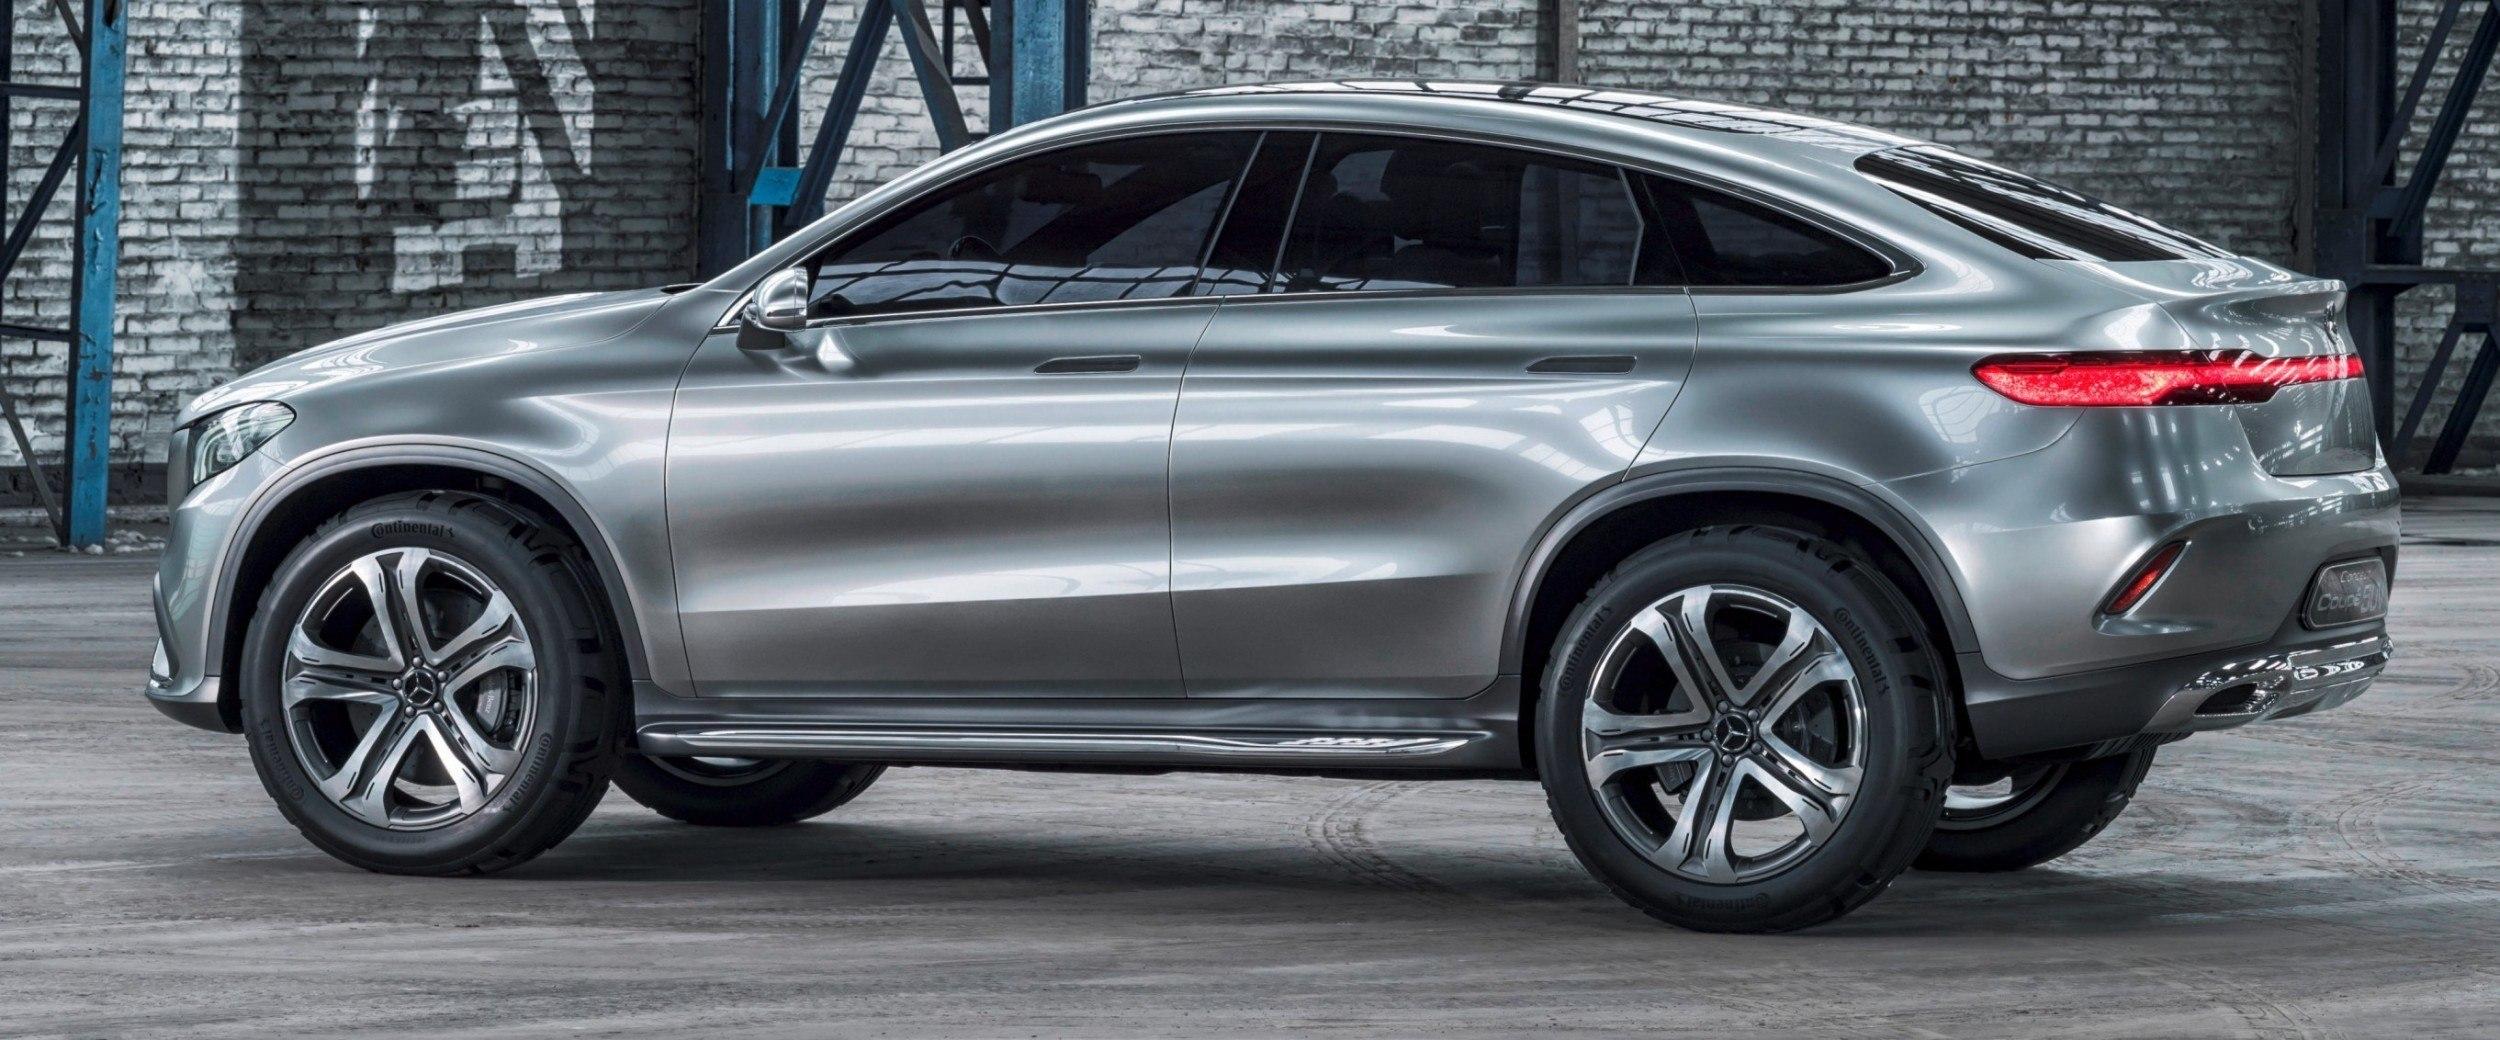 Benz Suv 2016 Auxdelicesdirene Com